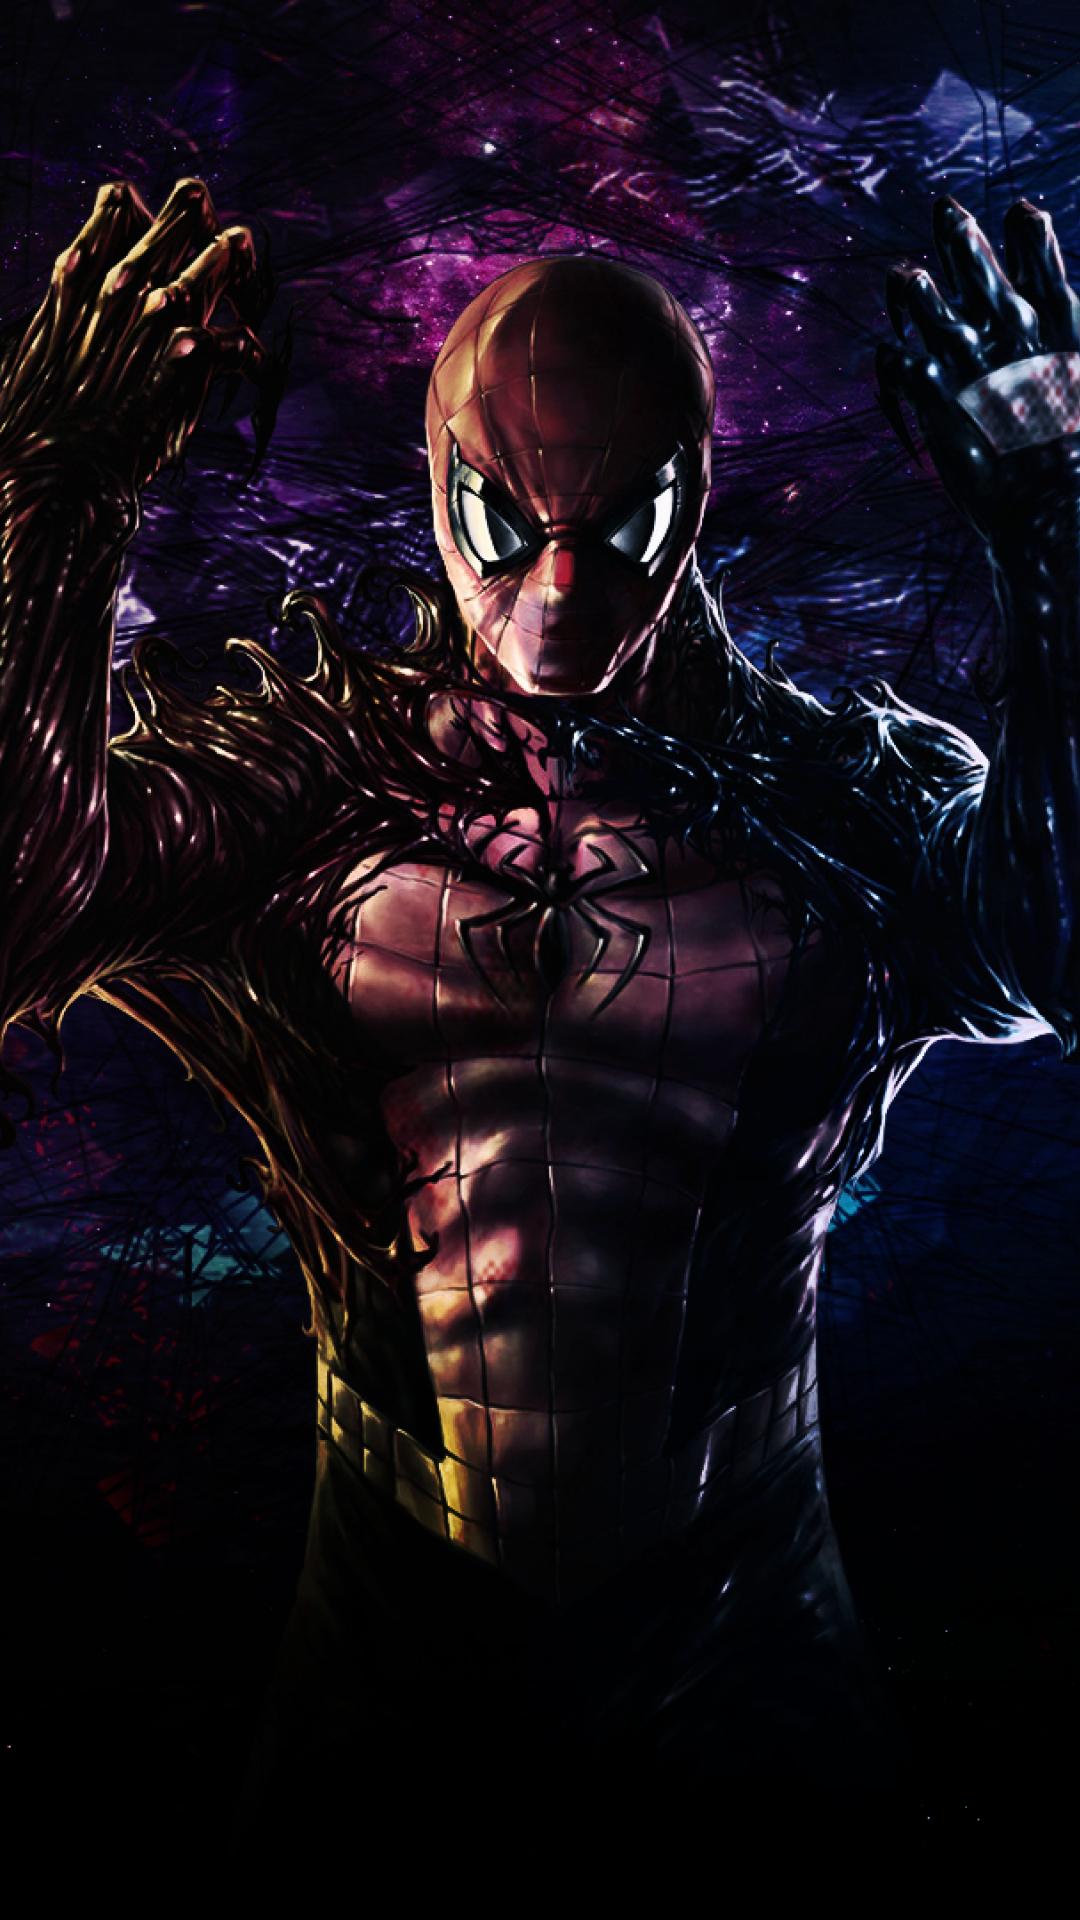 1080x1920 Venom Spider-Man Comicbook Iphone 7, 6s, 6 Plus ...